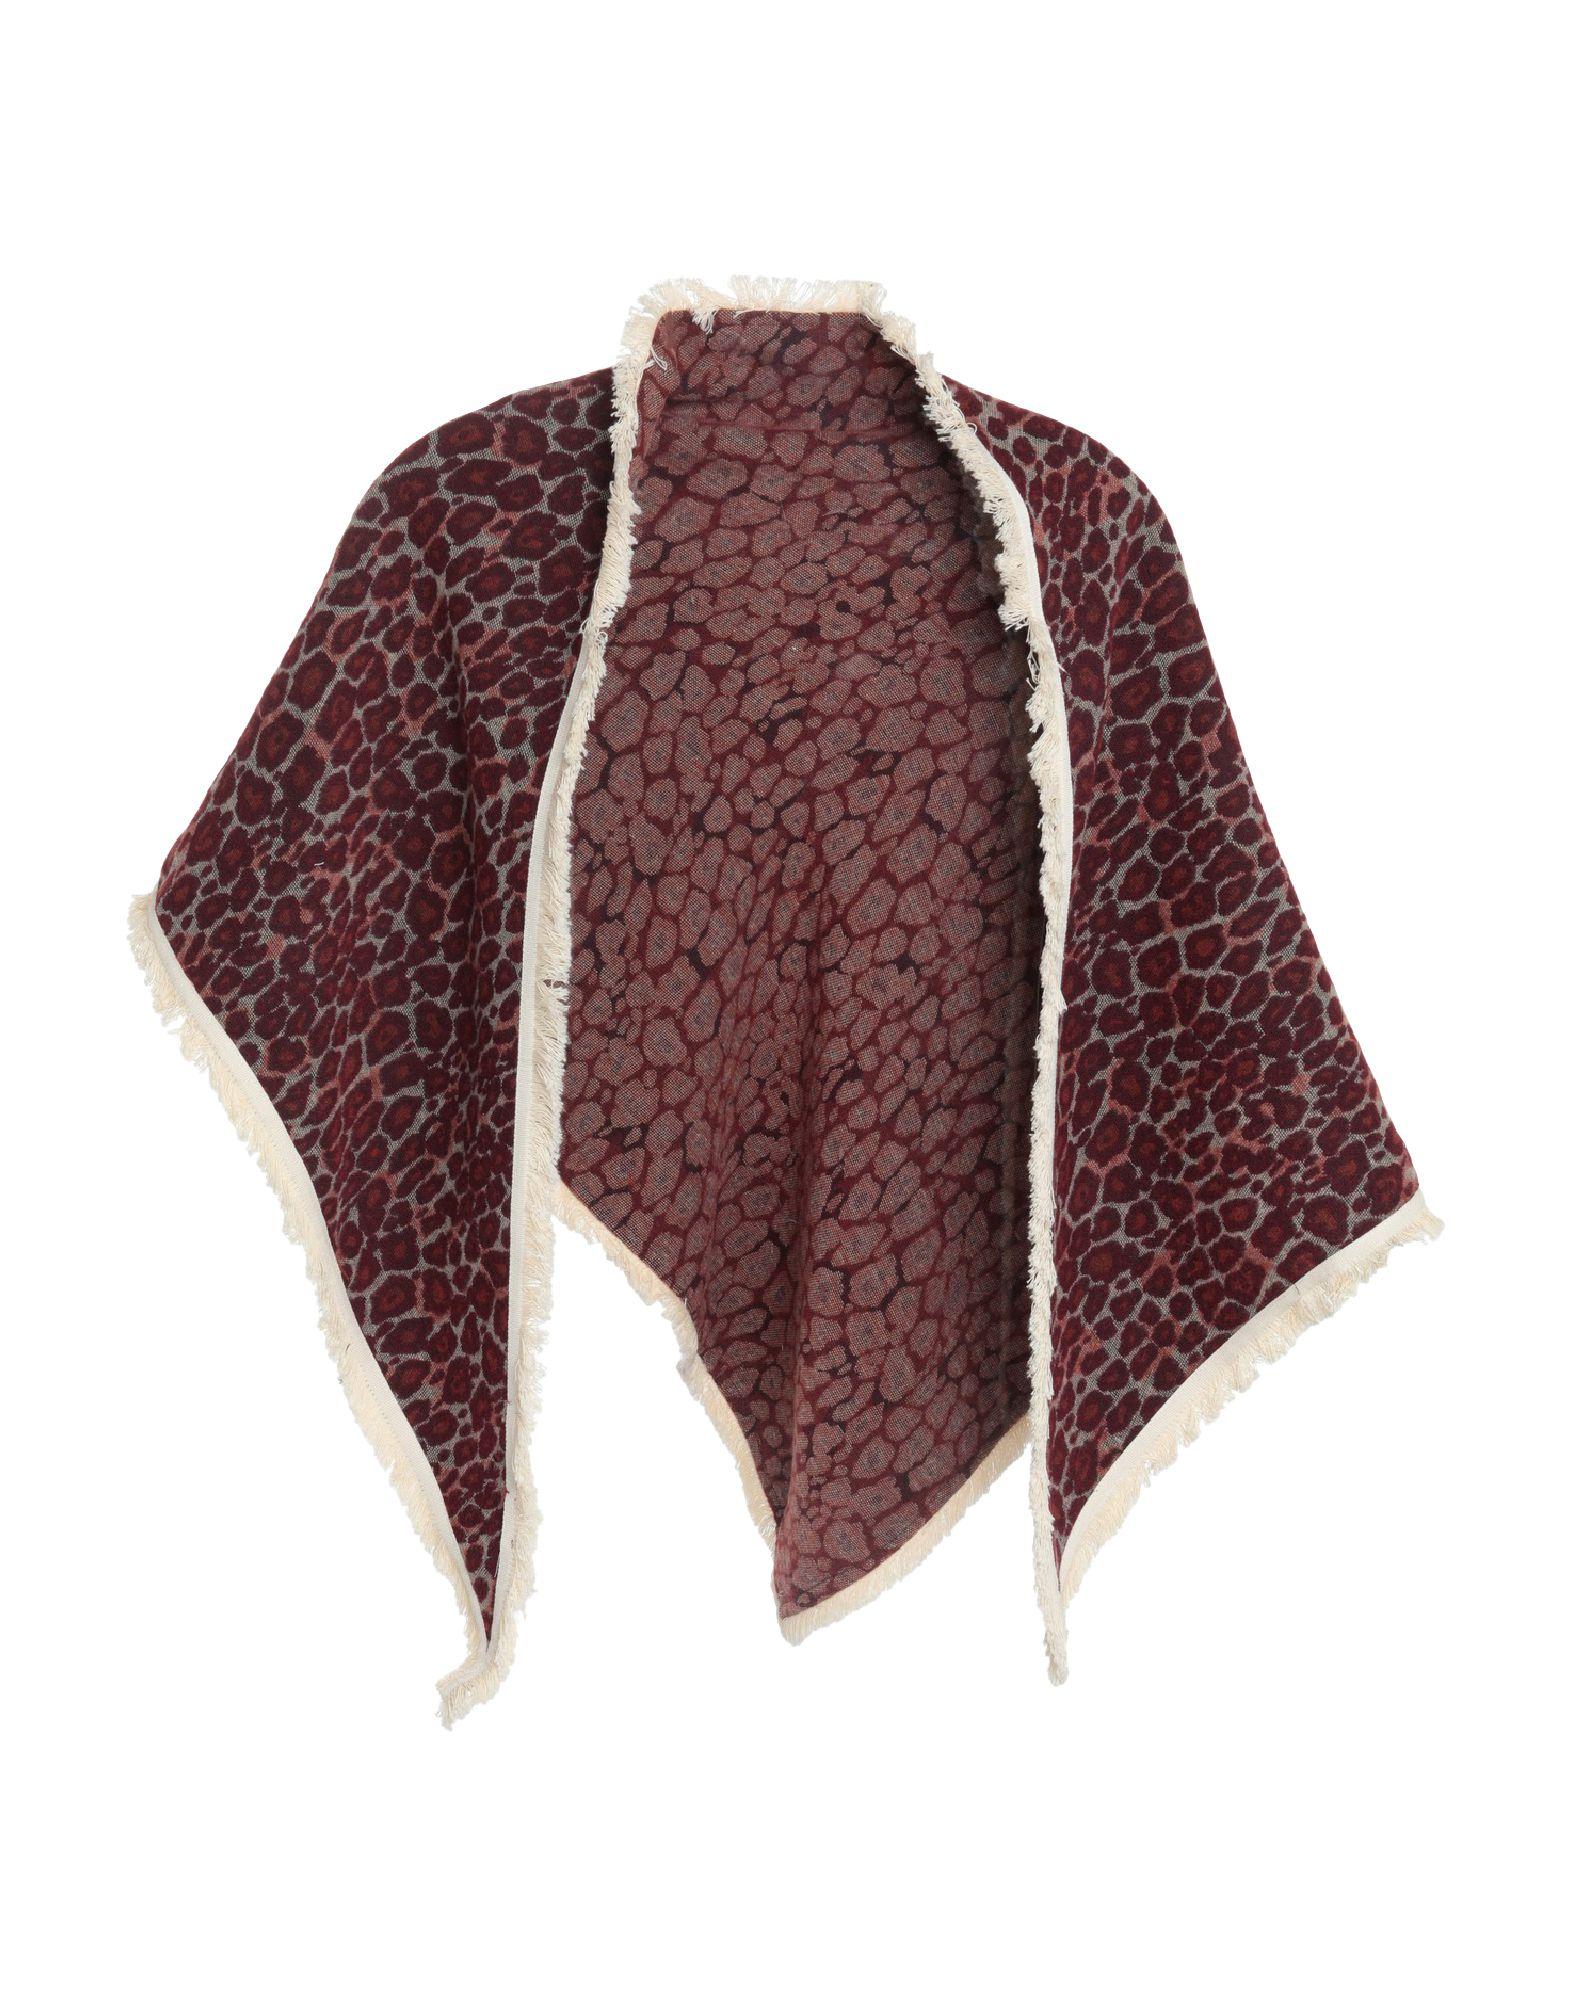 KONTATTO Шаль павловопосадская шерстяная шаль с шелковой бахромой волшебный узор 148х148 см